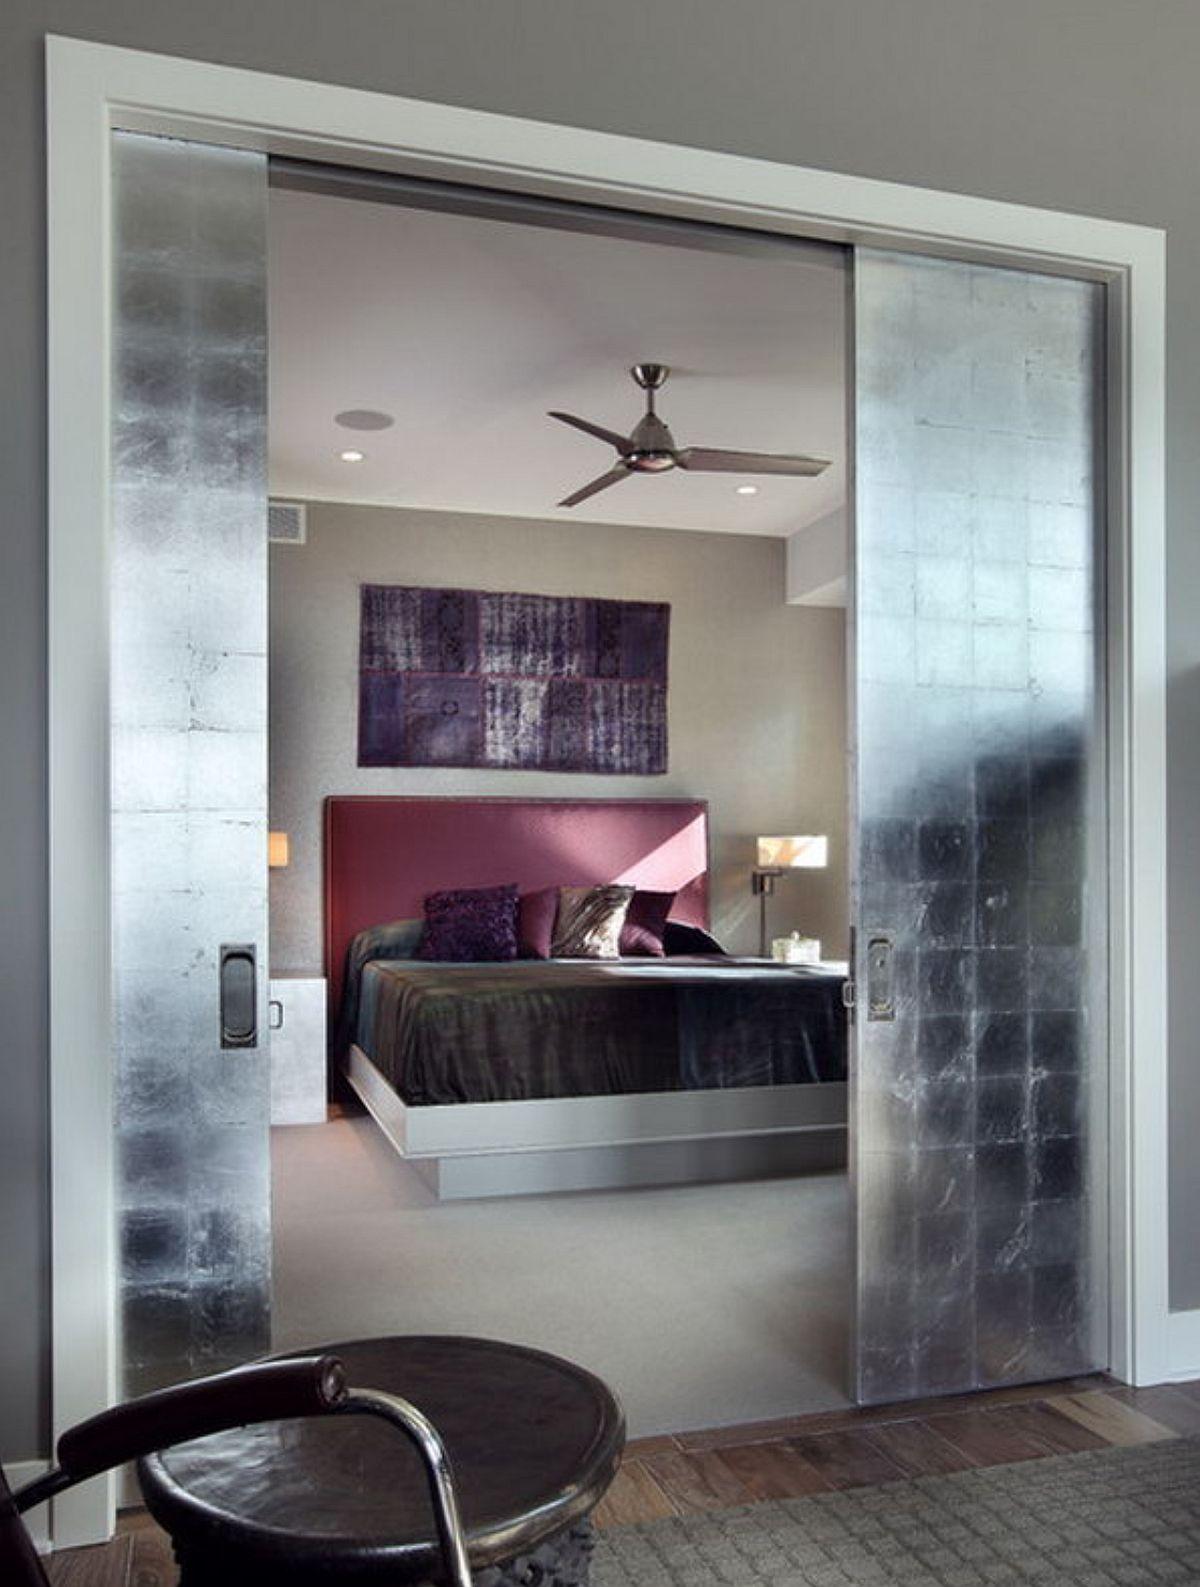 adelaparvu.com despre idei decorare usa interioara cu foita de argint